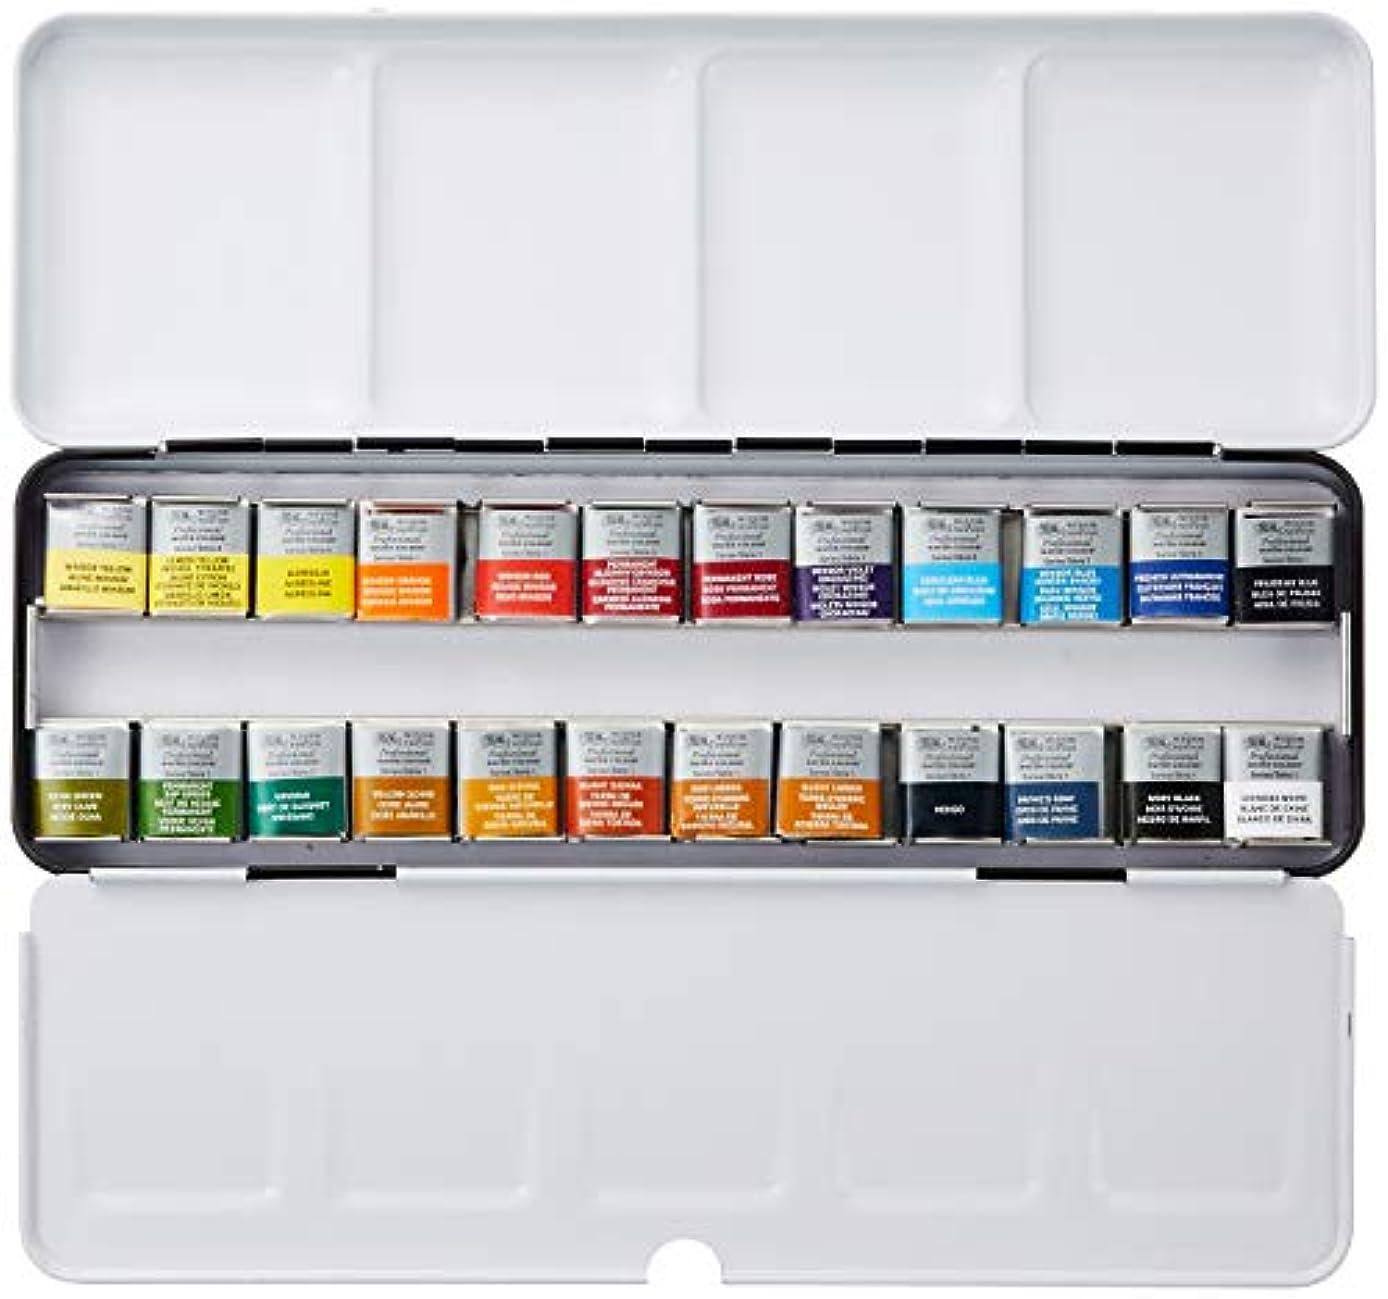 伝統的シリンダーエジプトウィンザー&ニュートン 水彩絵具 ウィンザー&ニュートン プロフェッショナル ウォーターカラー  24色セット ライトウェイト メタルボックスセット ハーフパン